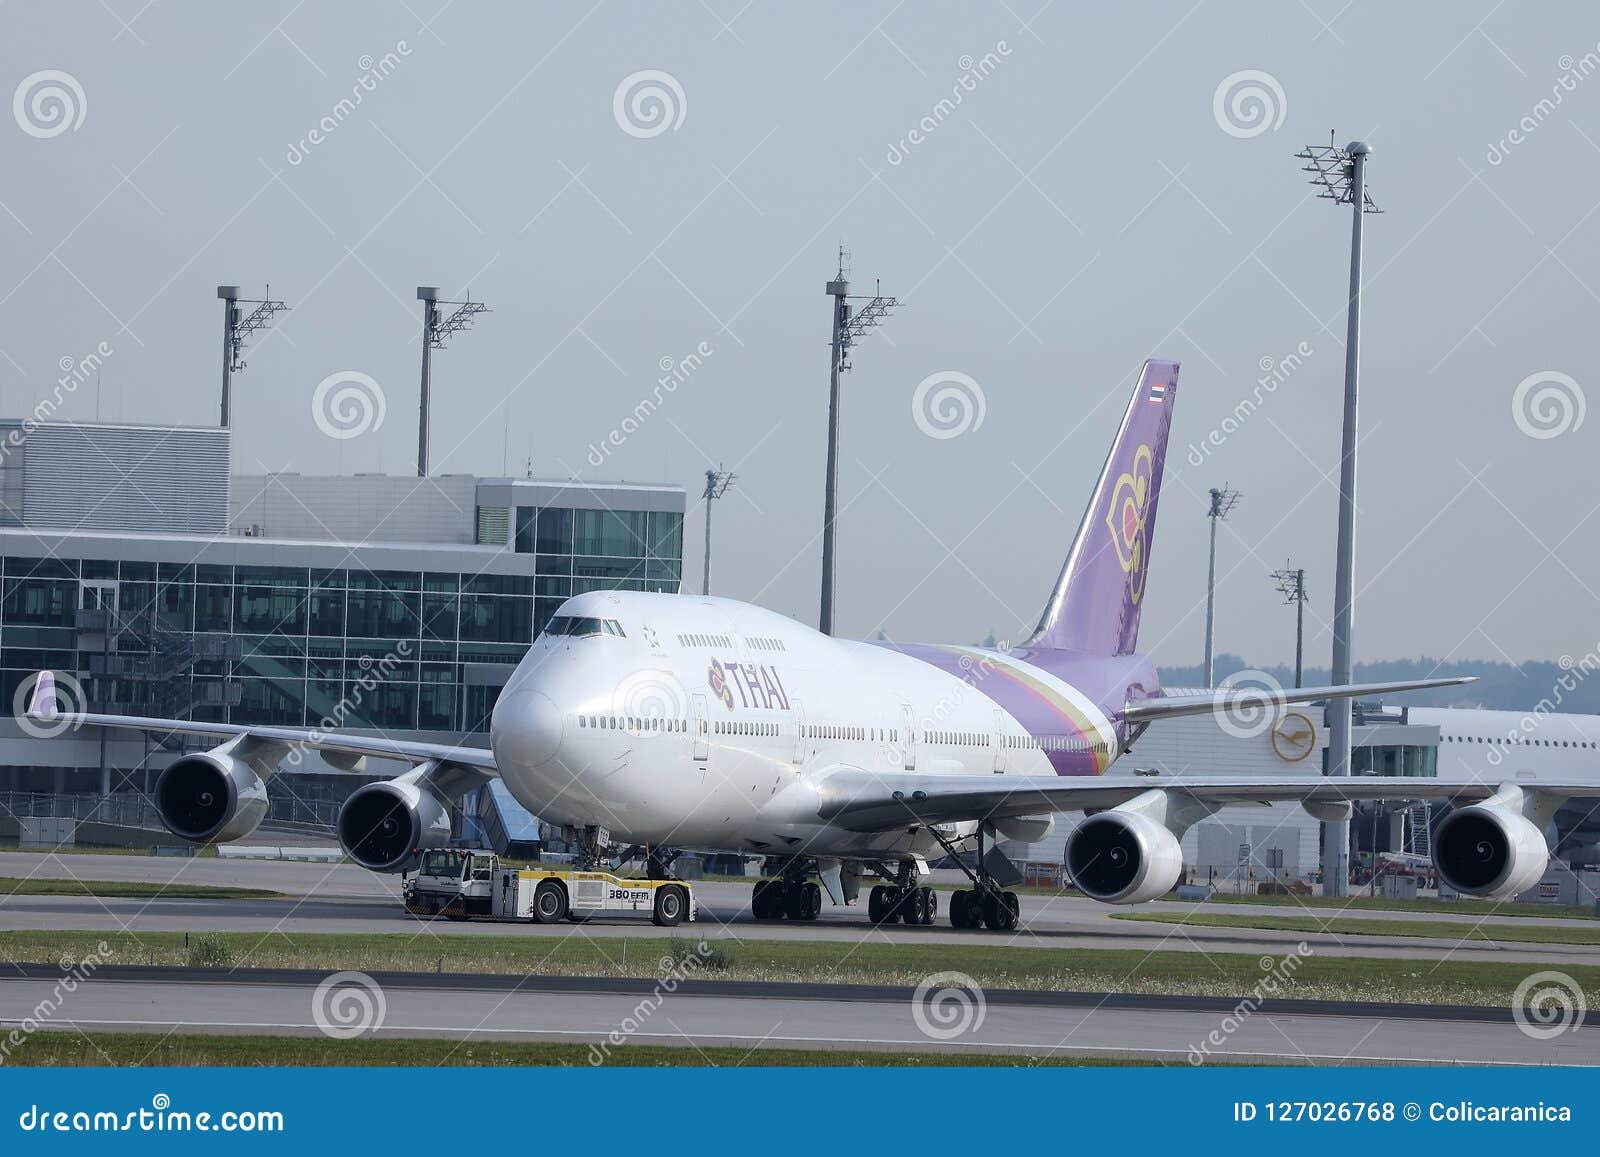 Thai Airways que lleva en taxi en el aeropuerto de Munich, MUC, vista delantera